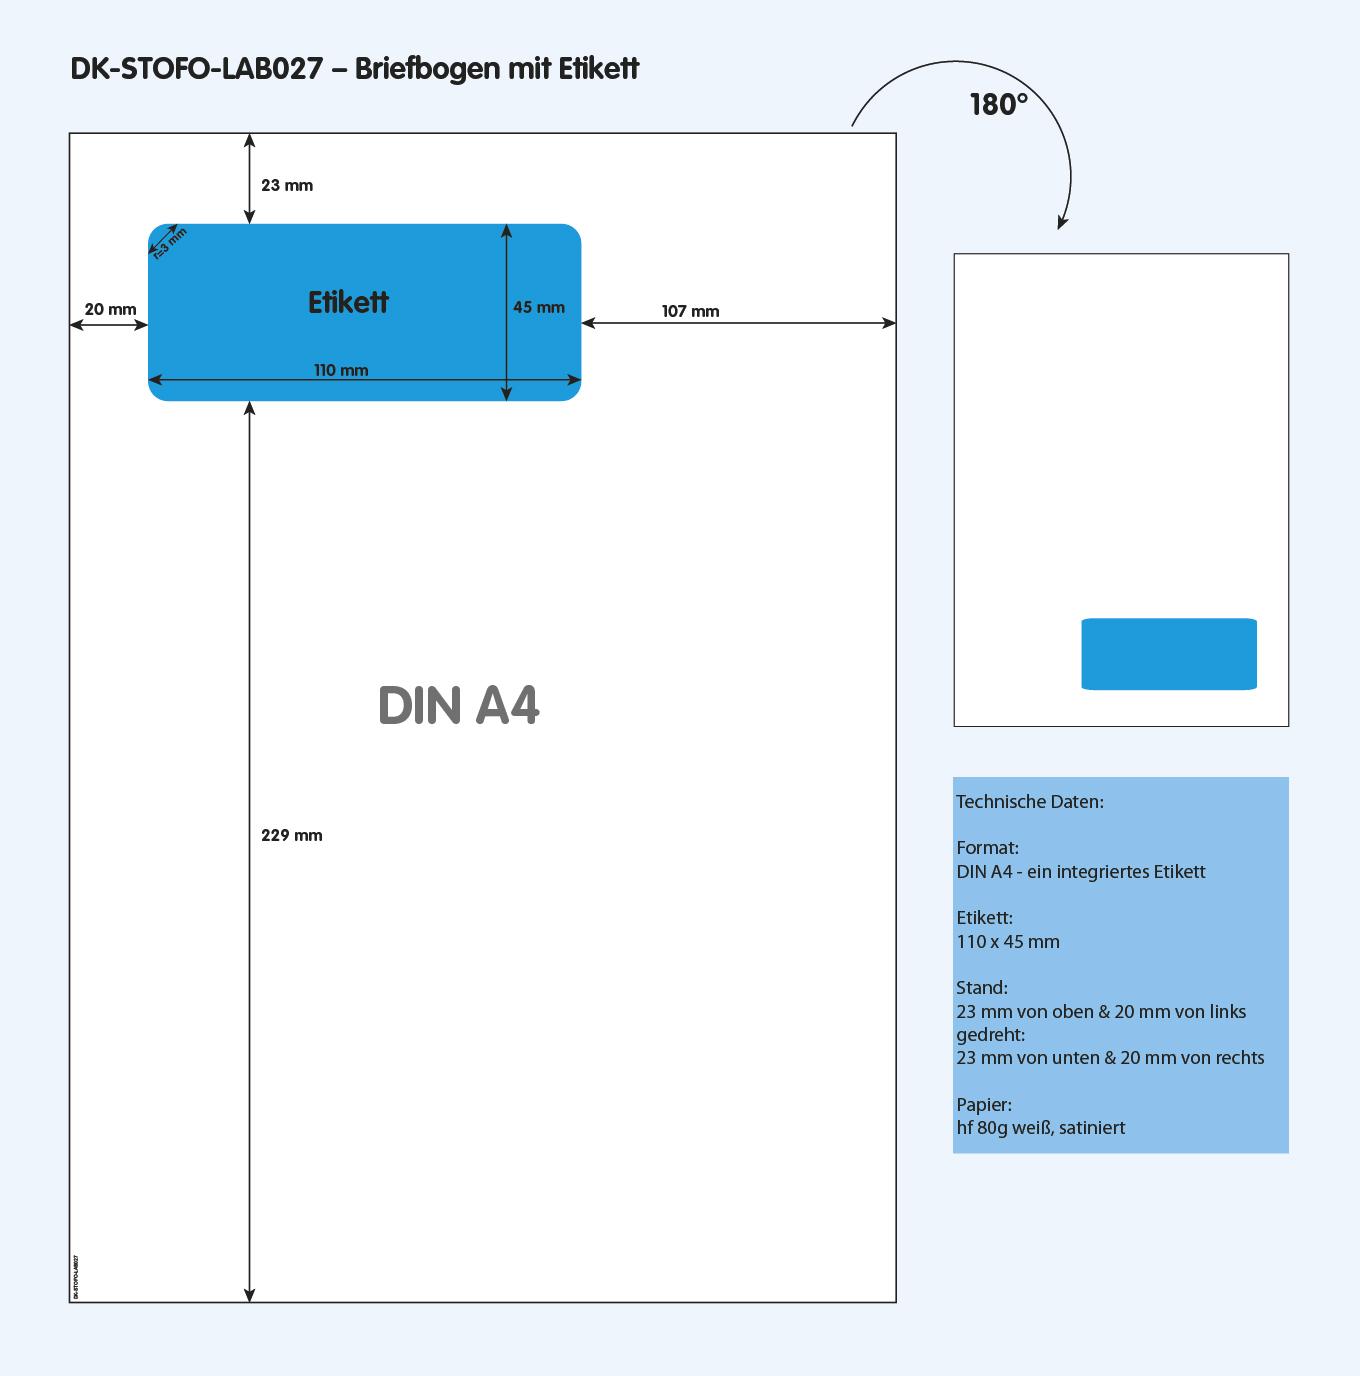 DK-STOFO-LAB027 - technische Zeichnung